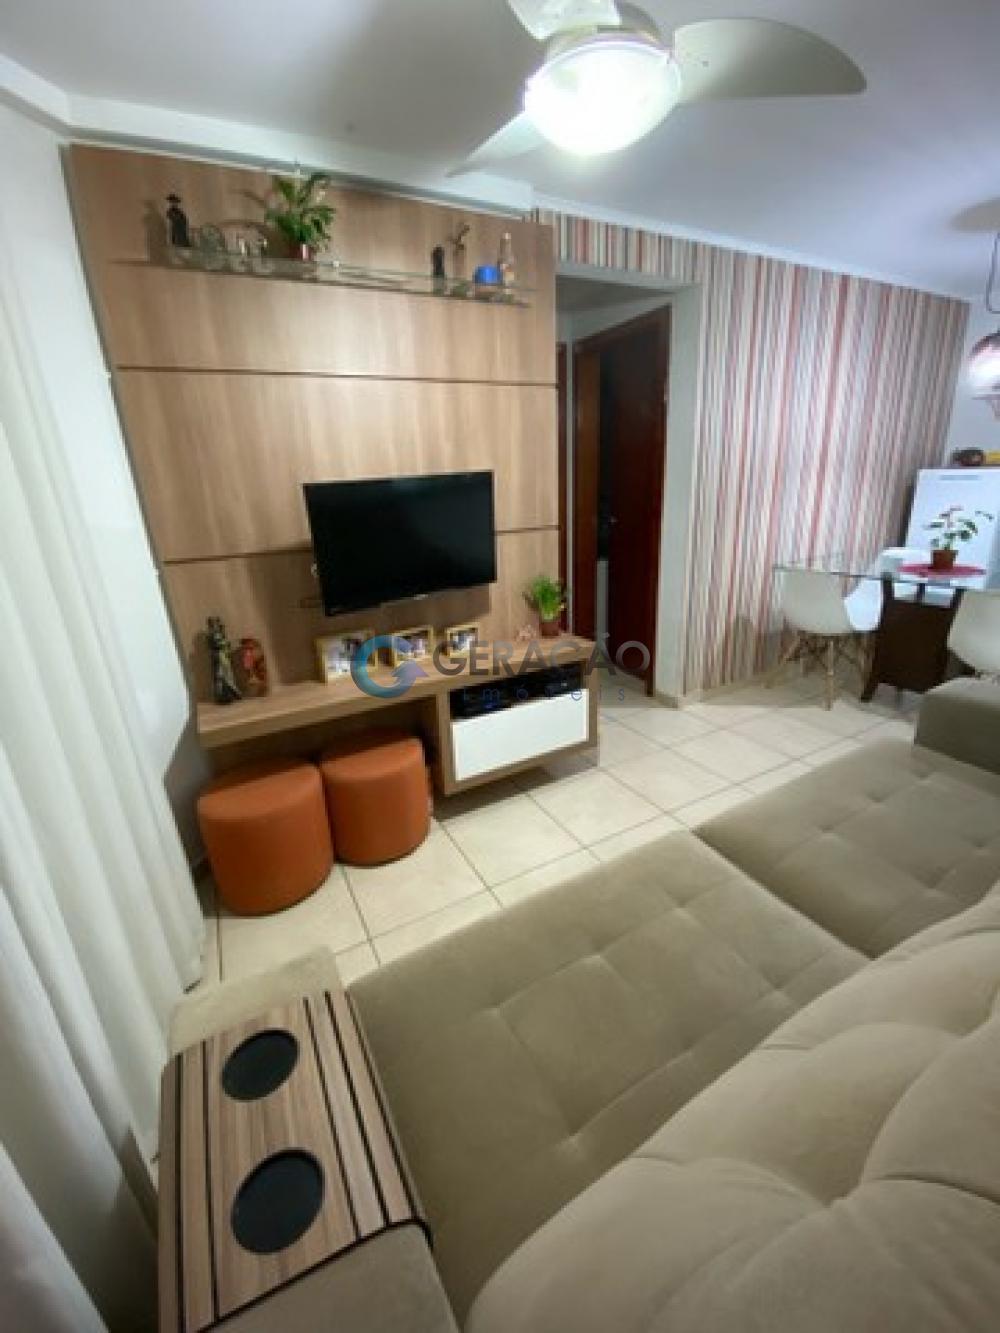 Comprar Apartamento / Padrão em São José dos Campos R$ 300.000,00 - Foto 4